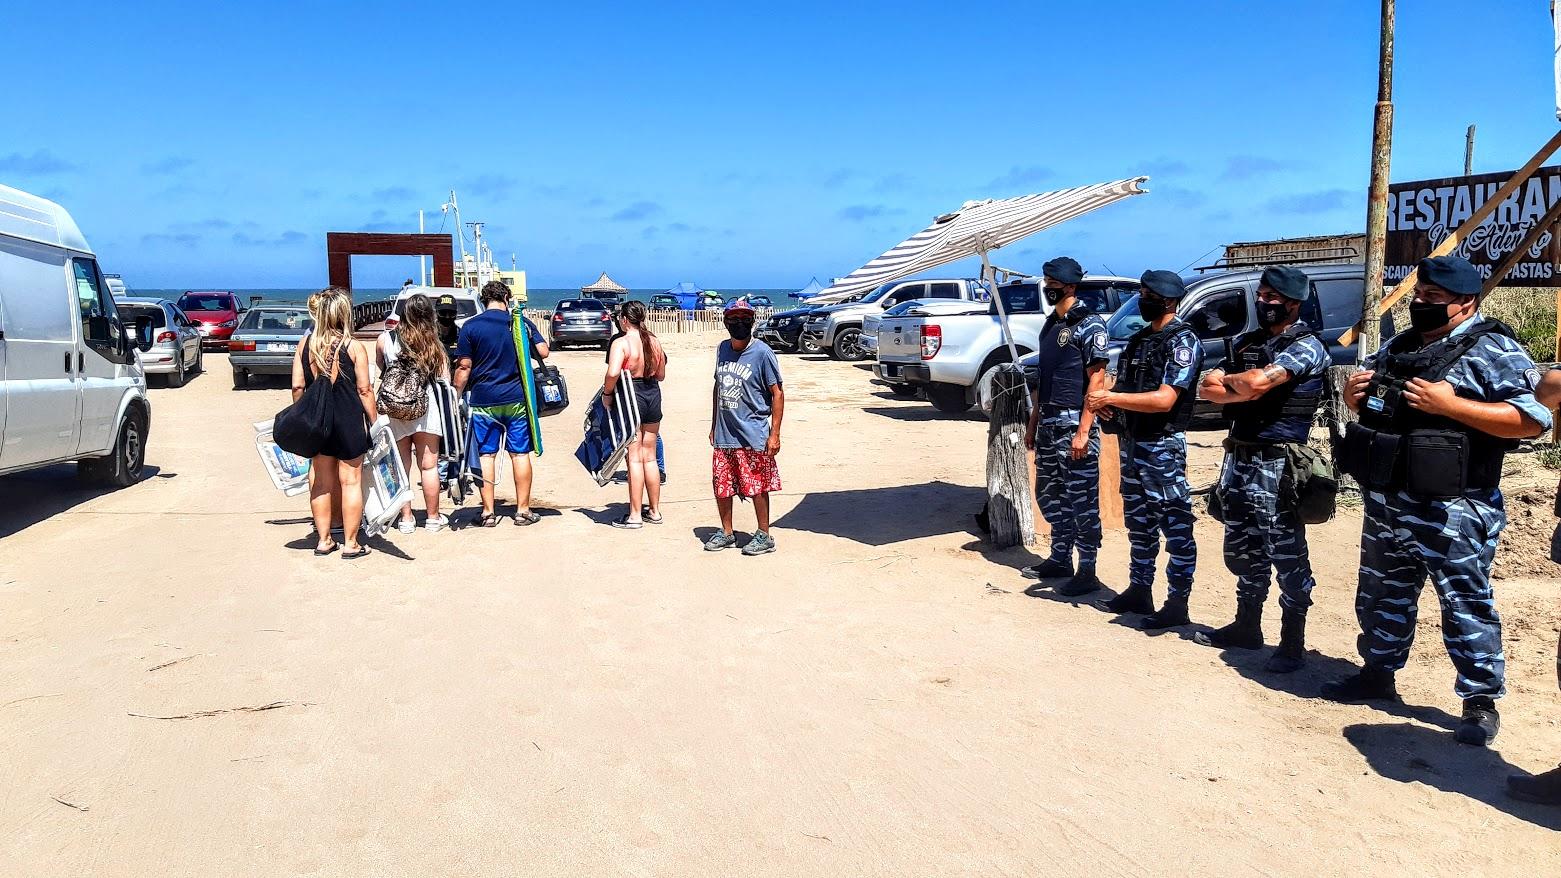 La policia controla a una familia en el ingreso a la playa en el muelle de Pinamar, buscan evitar el consumo de alcohol